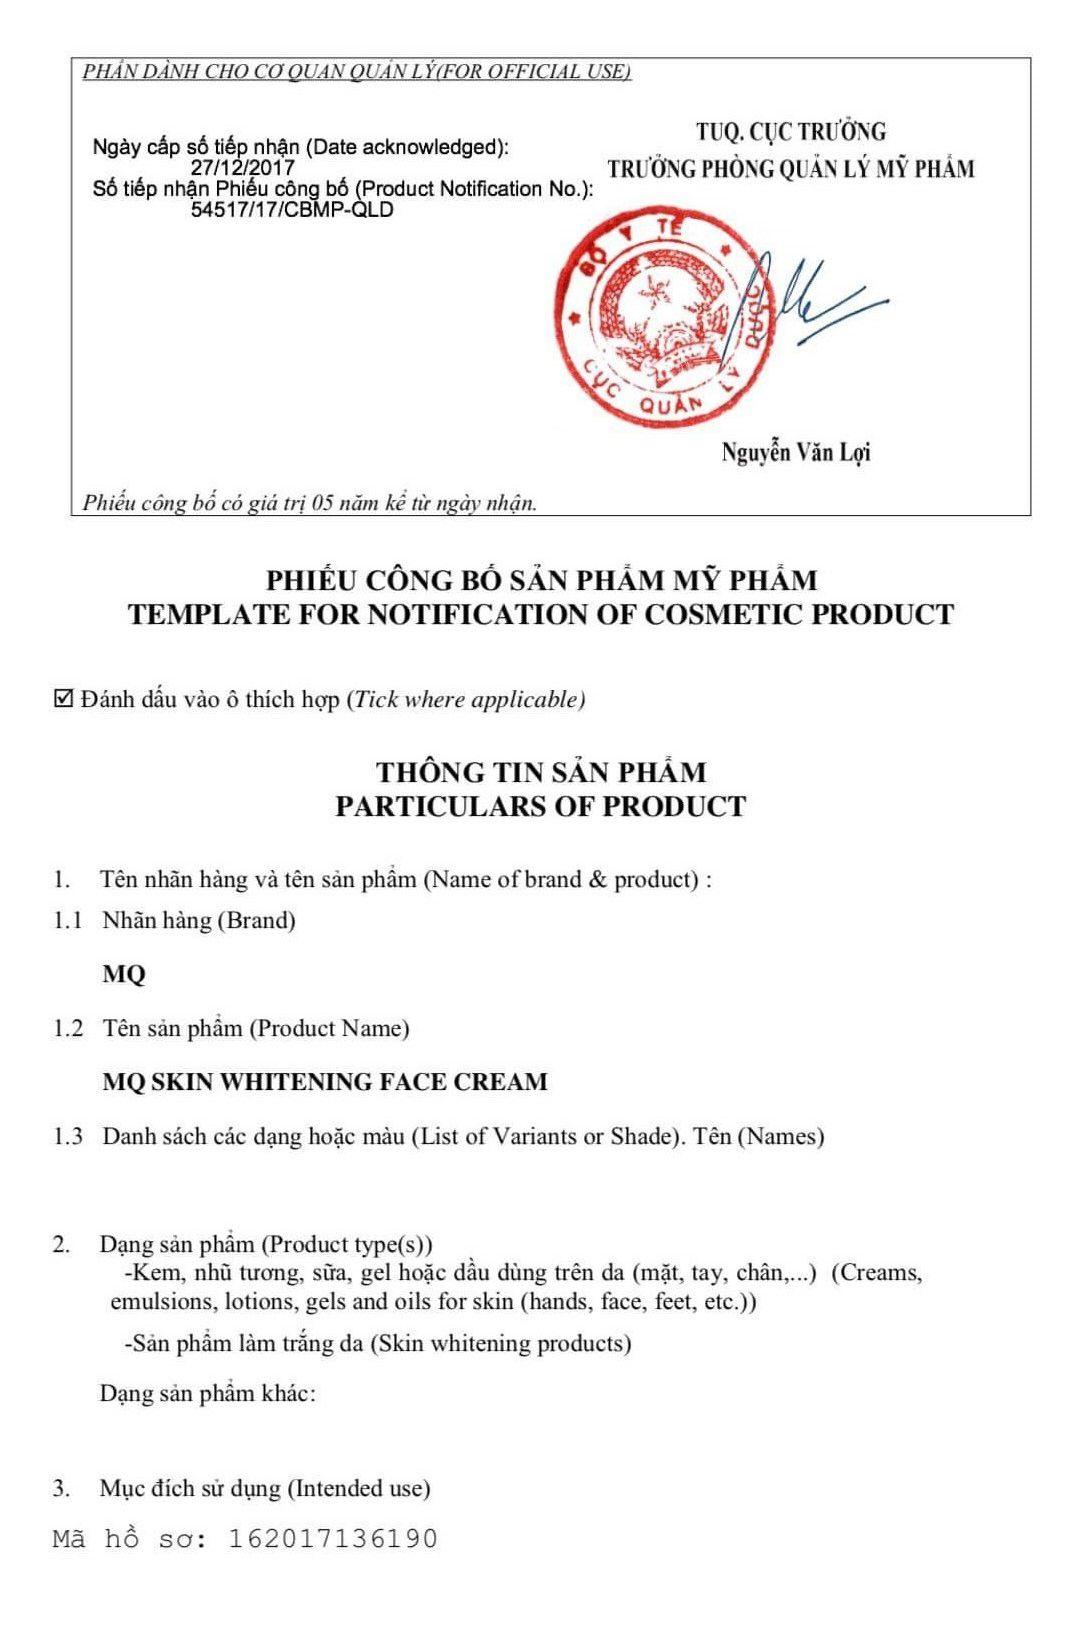 giấy chứng nhận mq skin